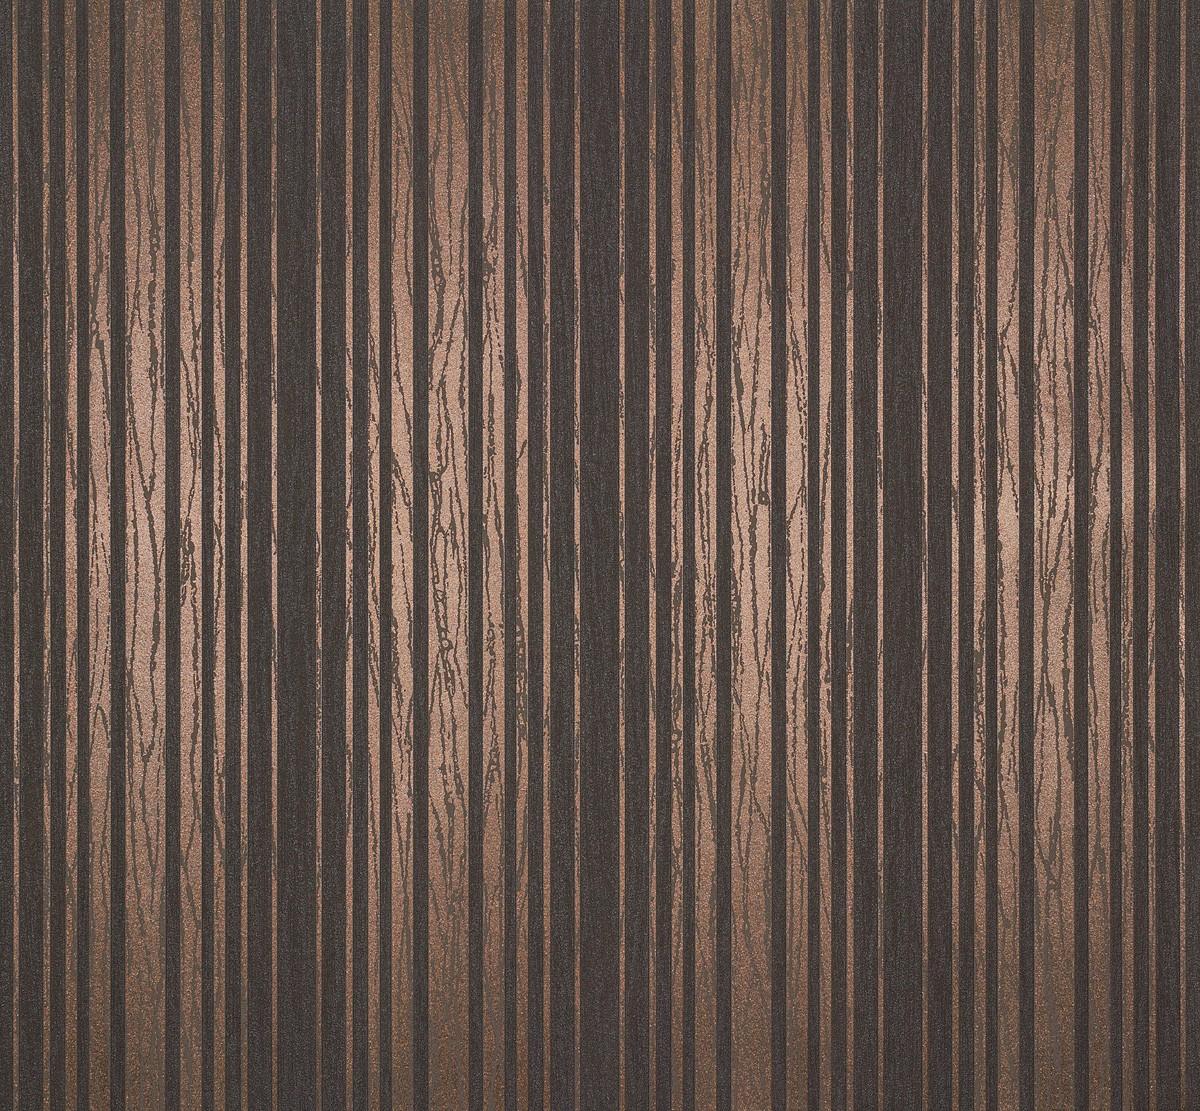 vliestapete kupfer grau streifen estelle marburg 55722. Black Bedroom Furniture Sets. Home Design Ideas